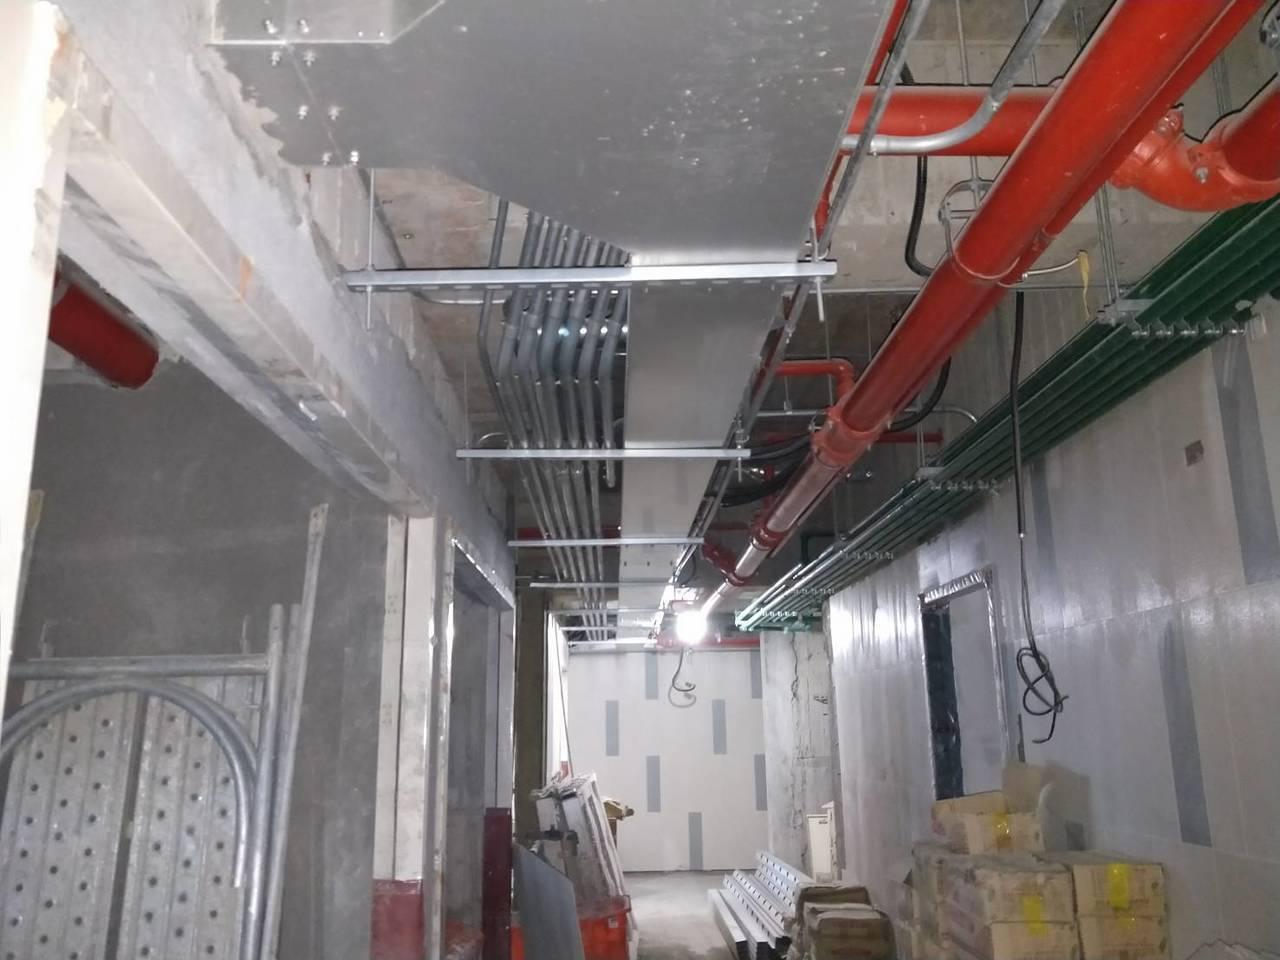 瑞助營造出示興隆公宅2區內部明管採鐵管照片,並無外界指稱使用PVC管。圖/瑞助營...